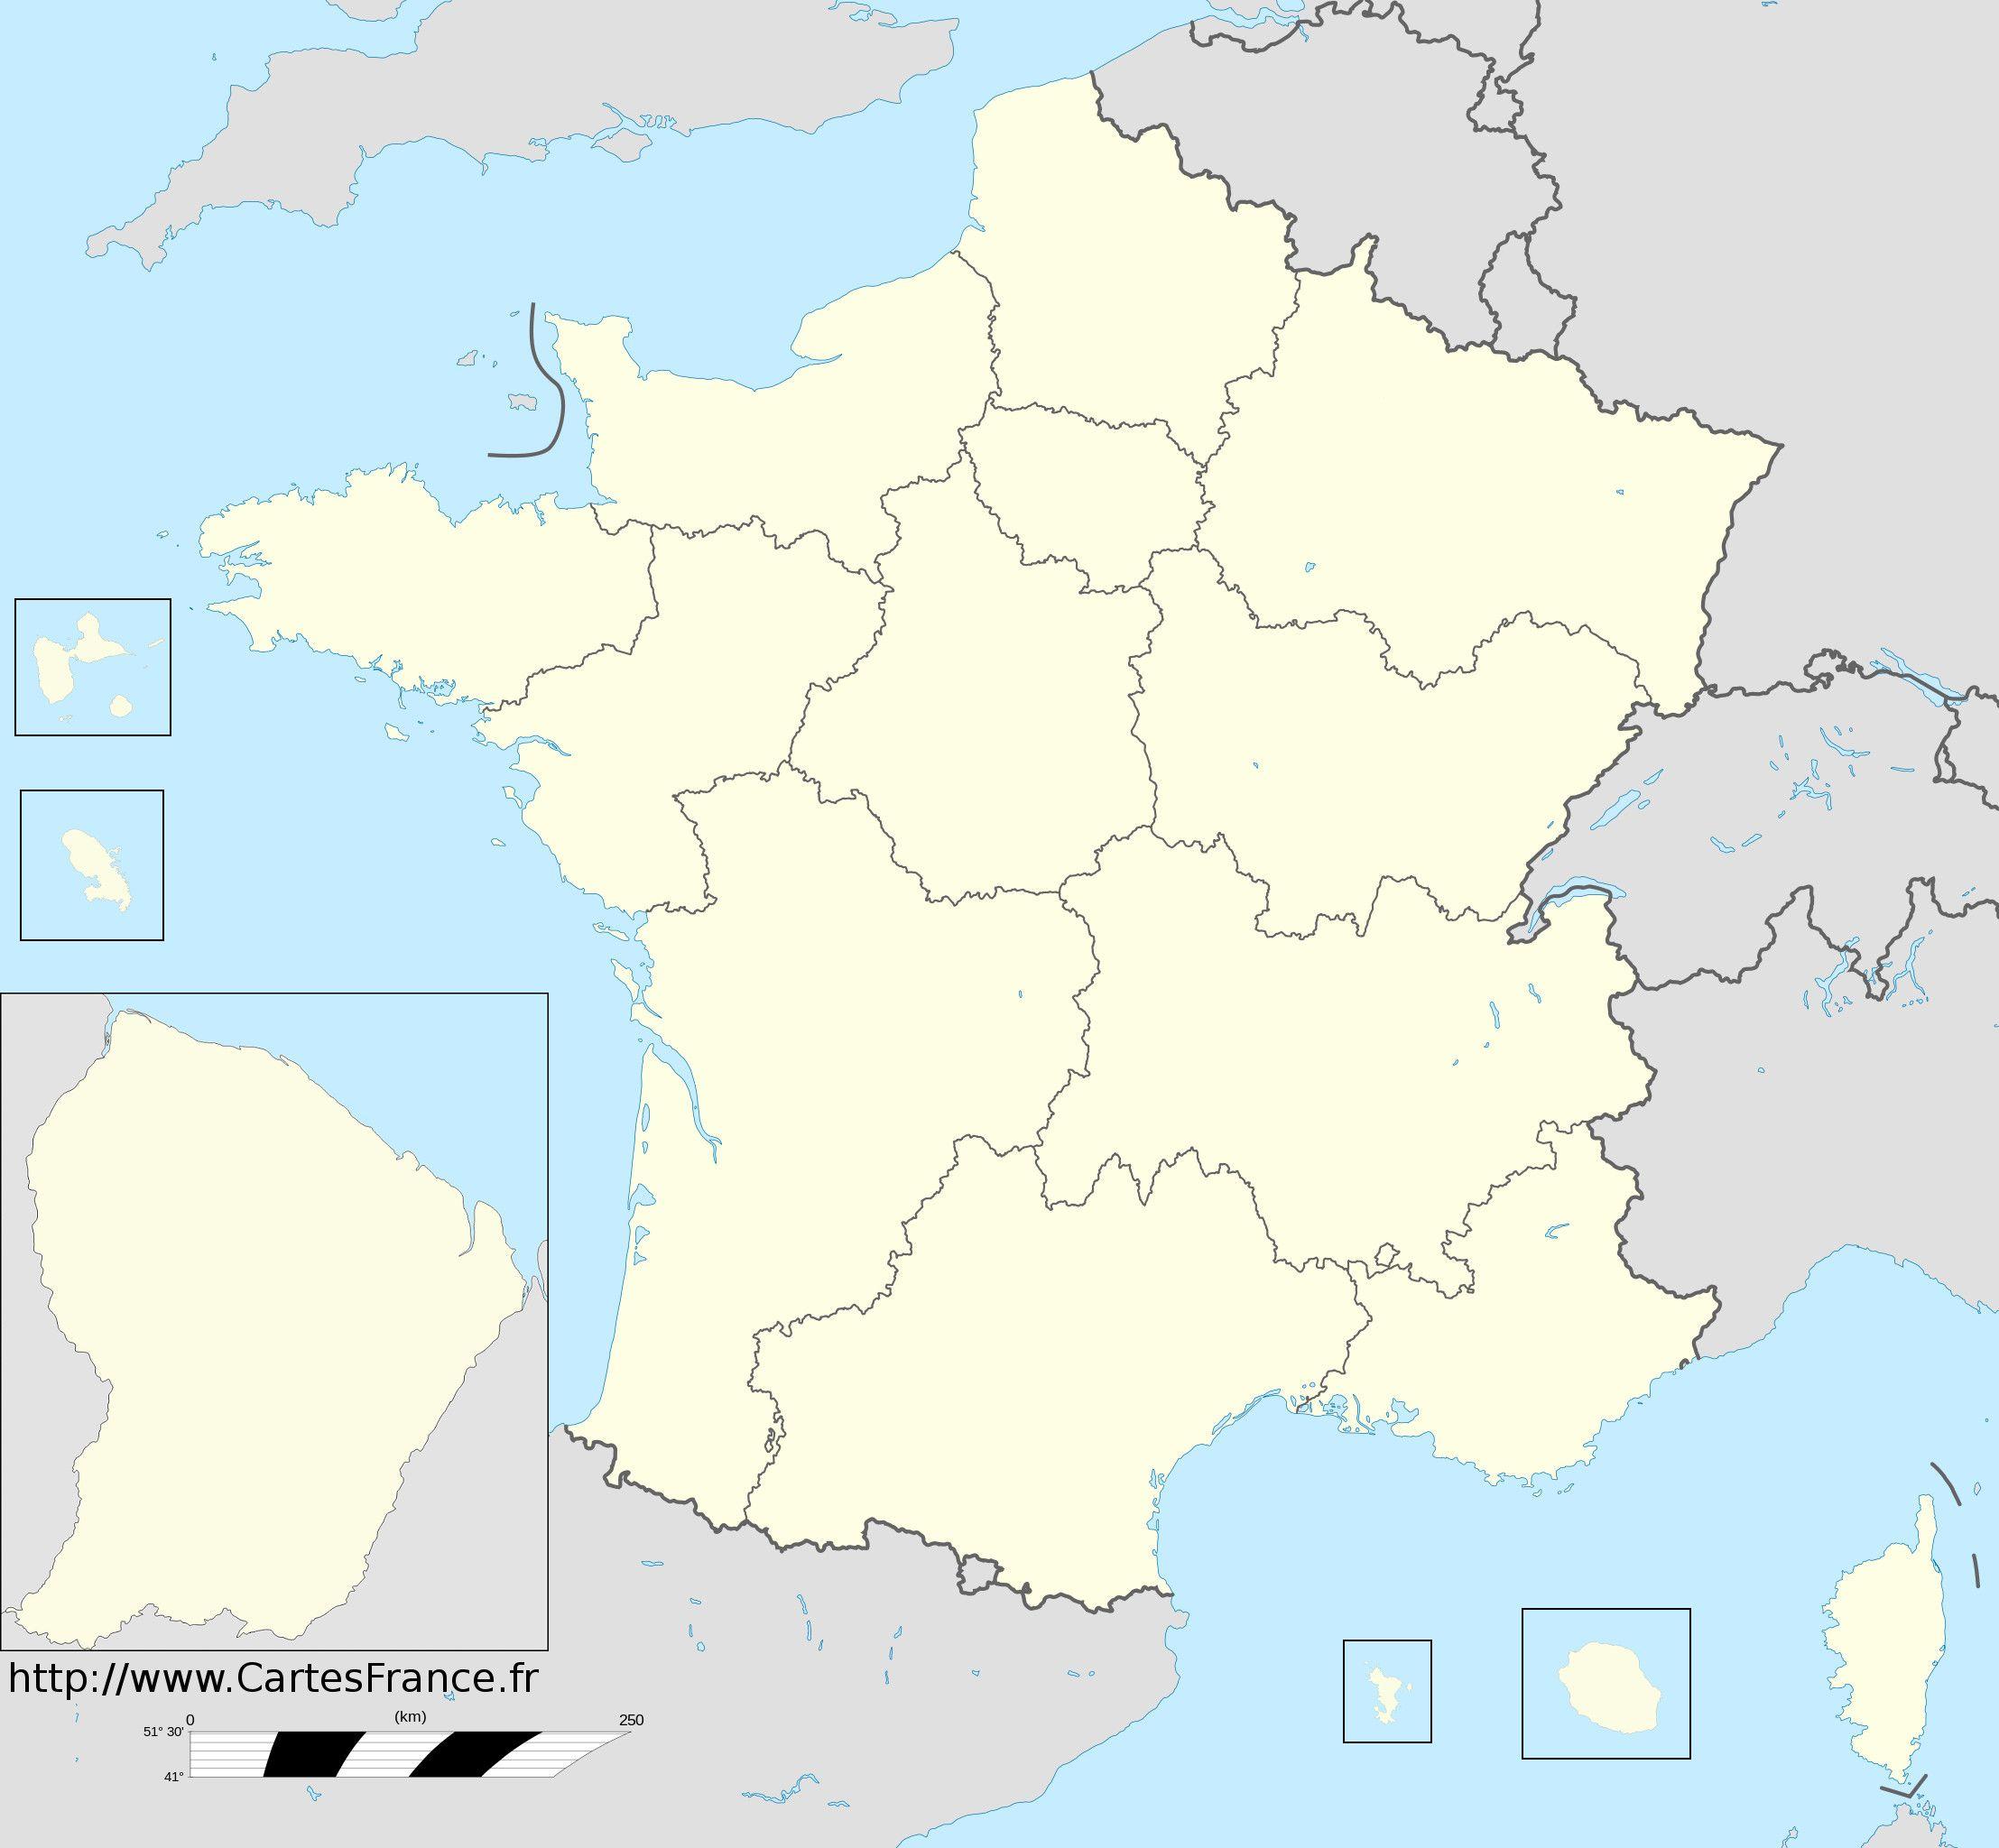 carte de france vierge Fond de carte des nouvelles régions de France : cliquer sur l